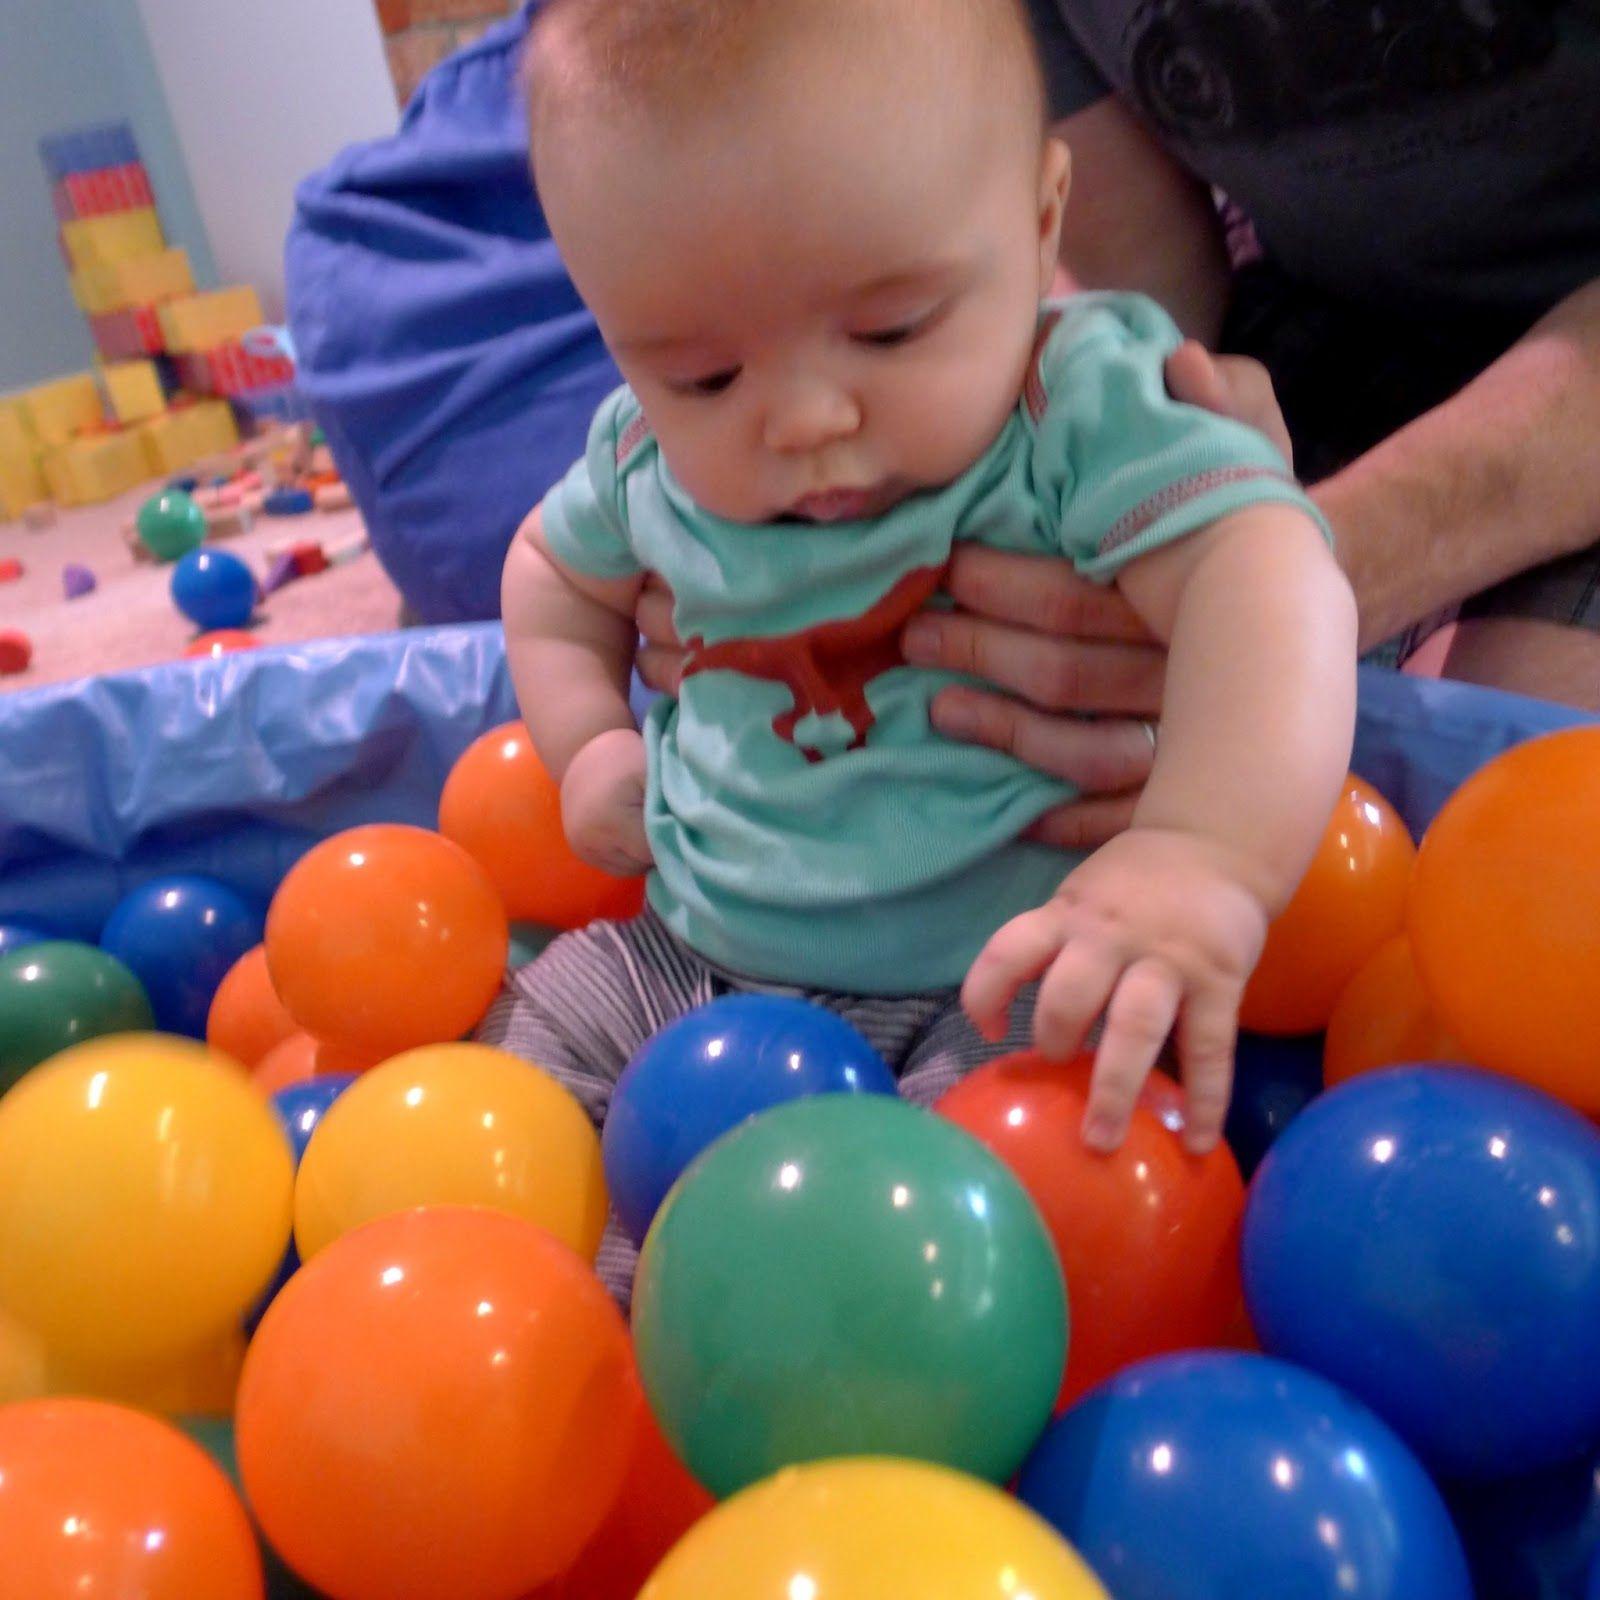 Premières expériences sensorielles Quel âge a le meilleur